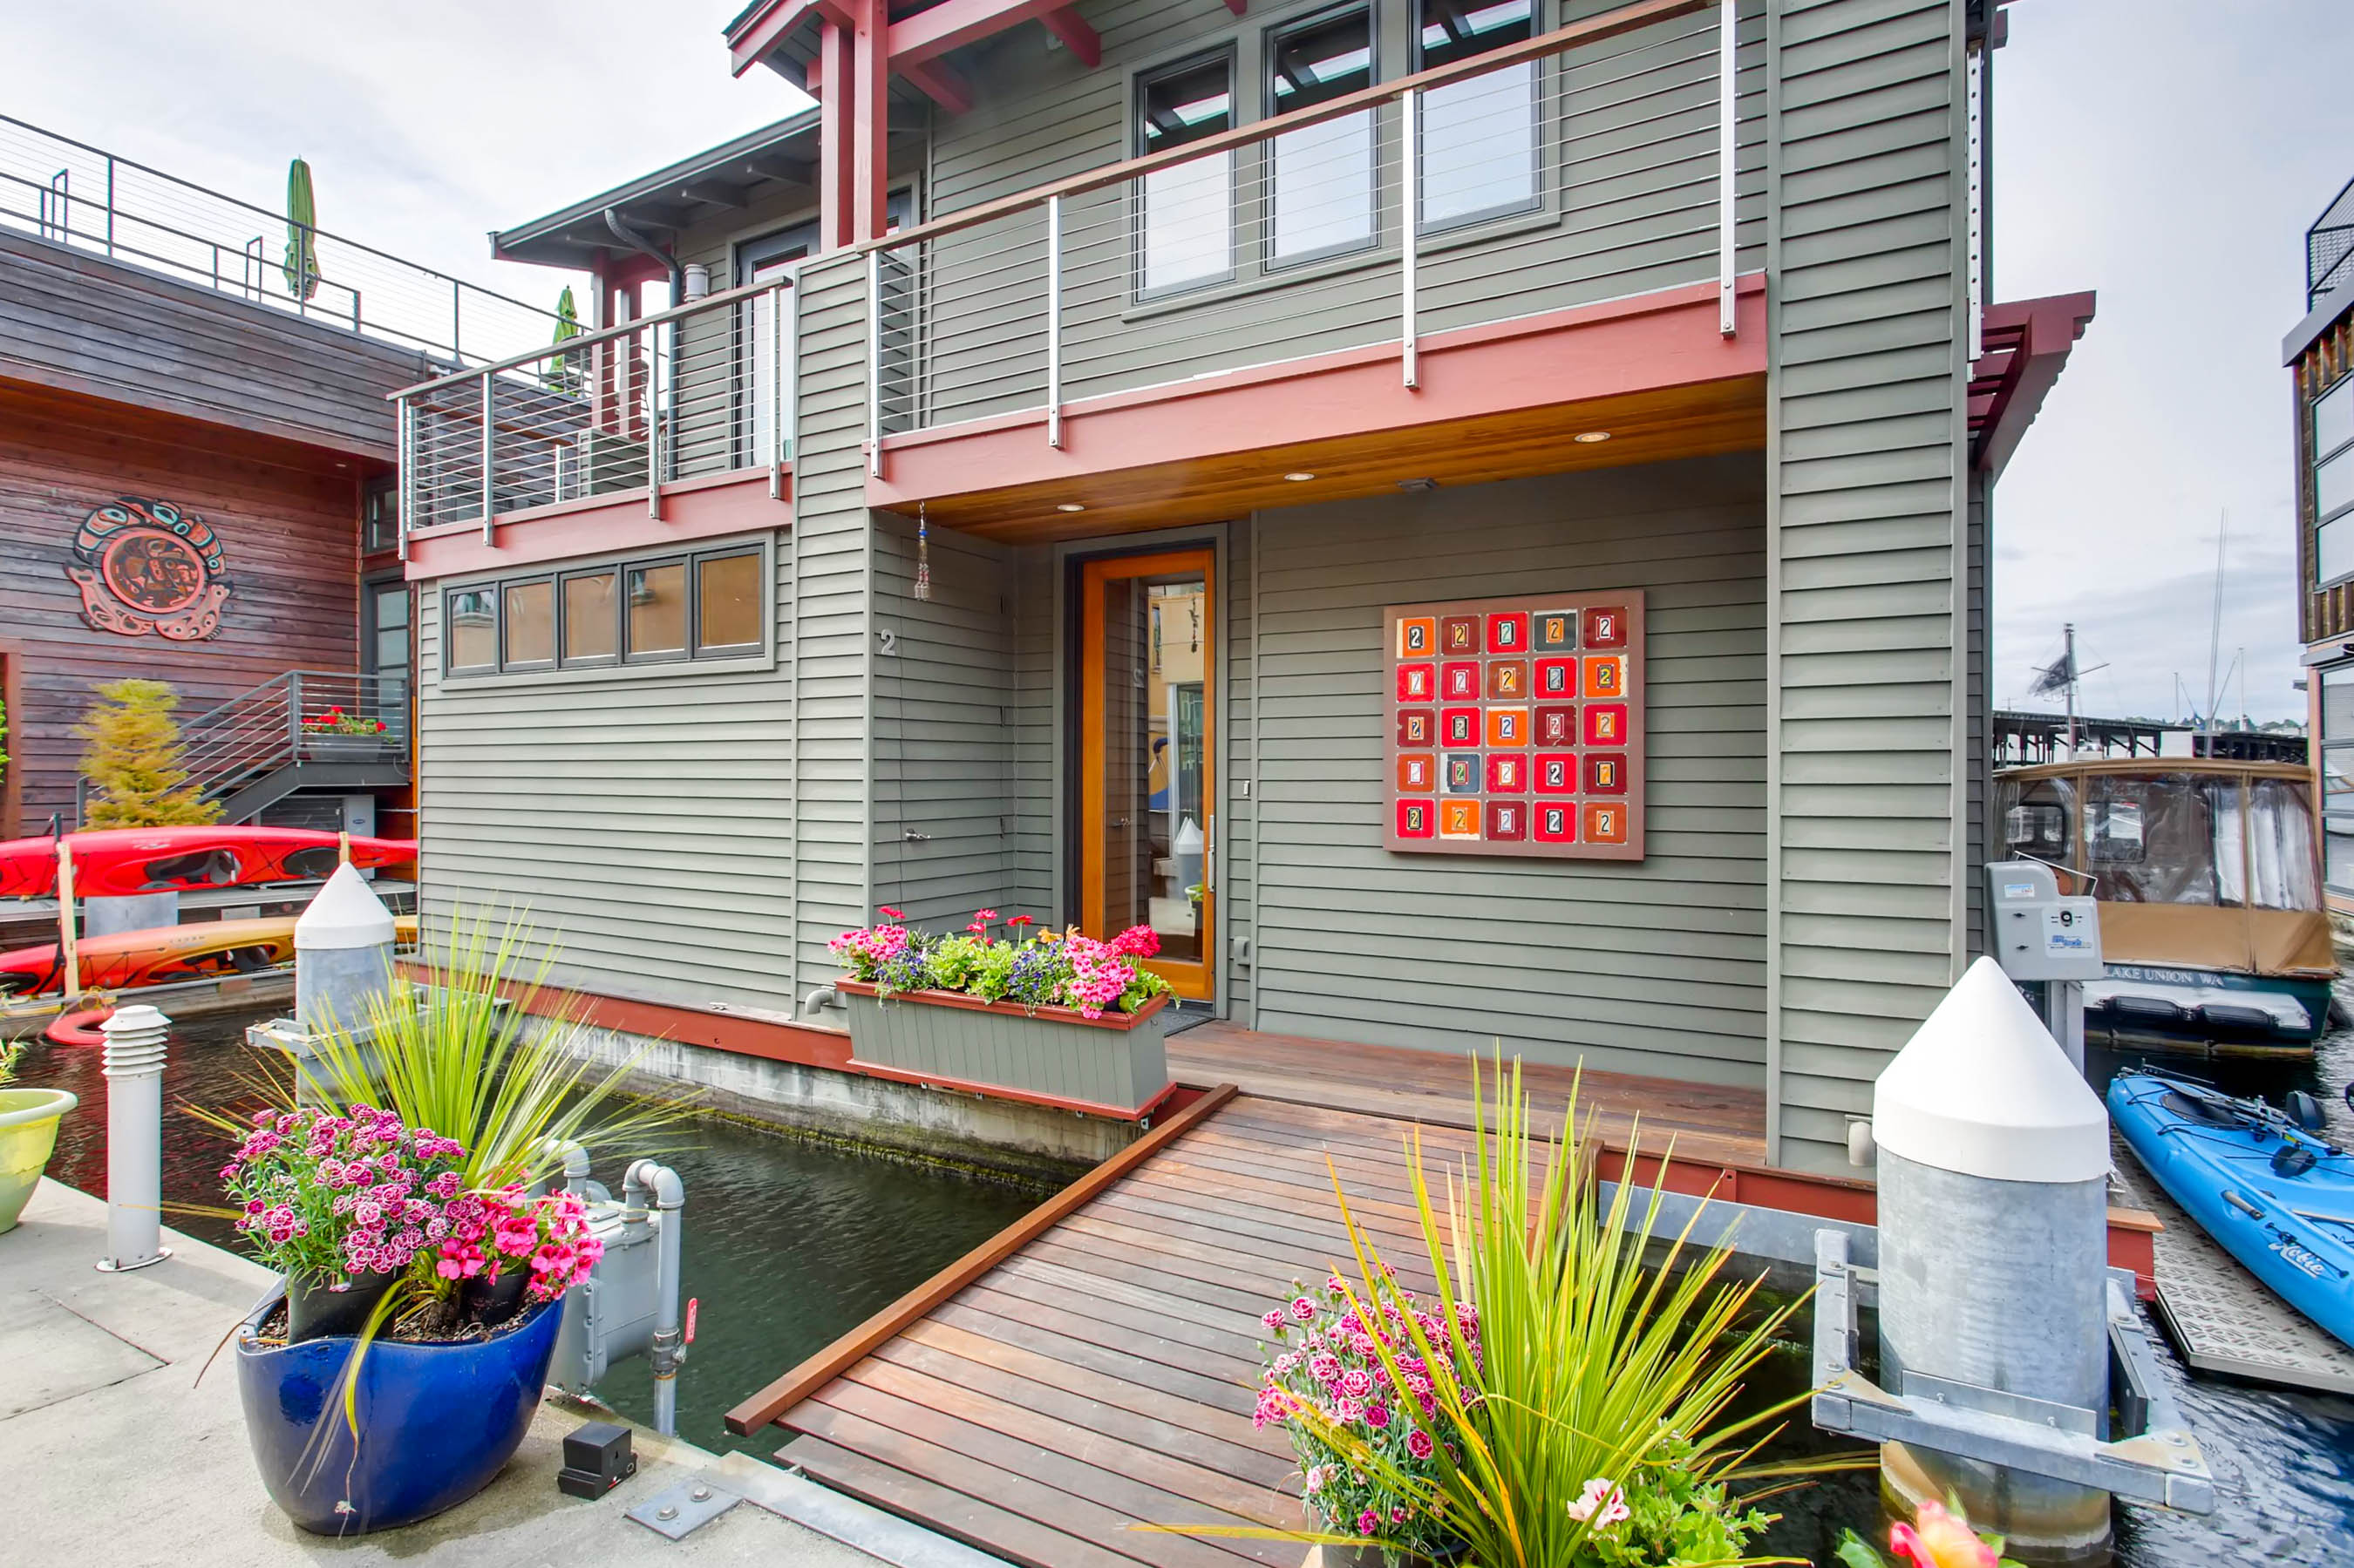 upscale_craftsman_floating_homevirtuance_blog_03